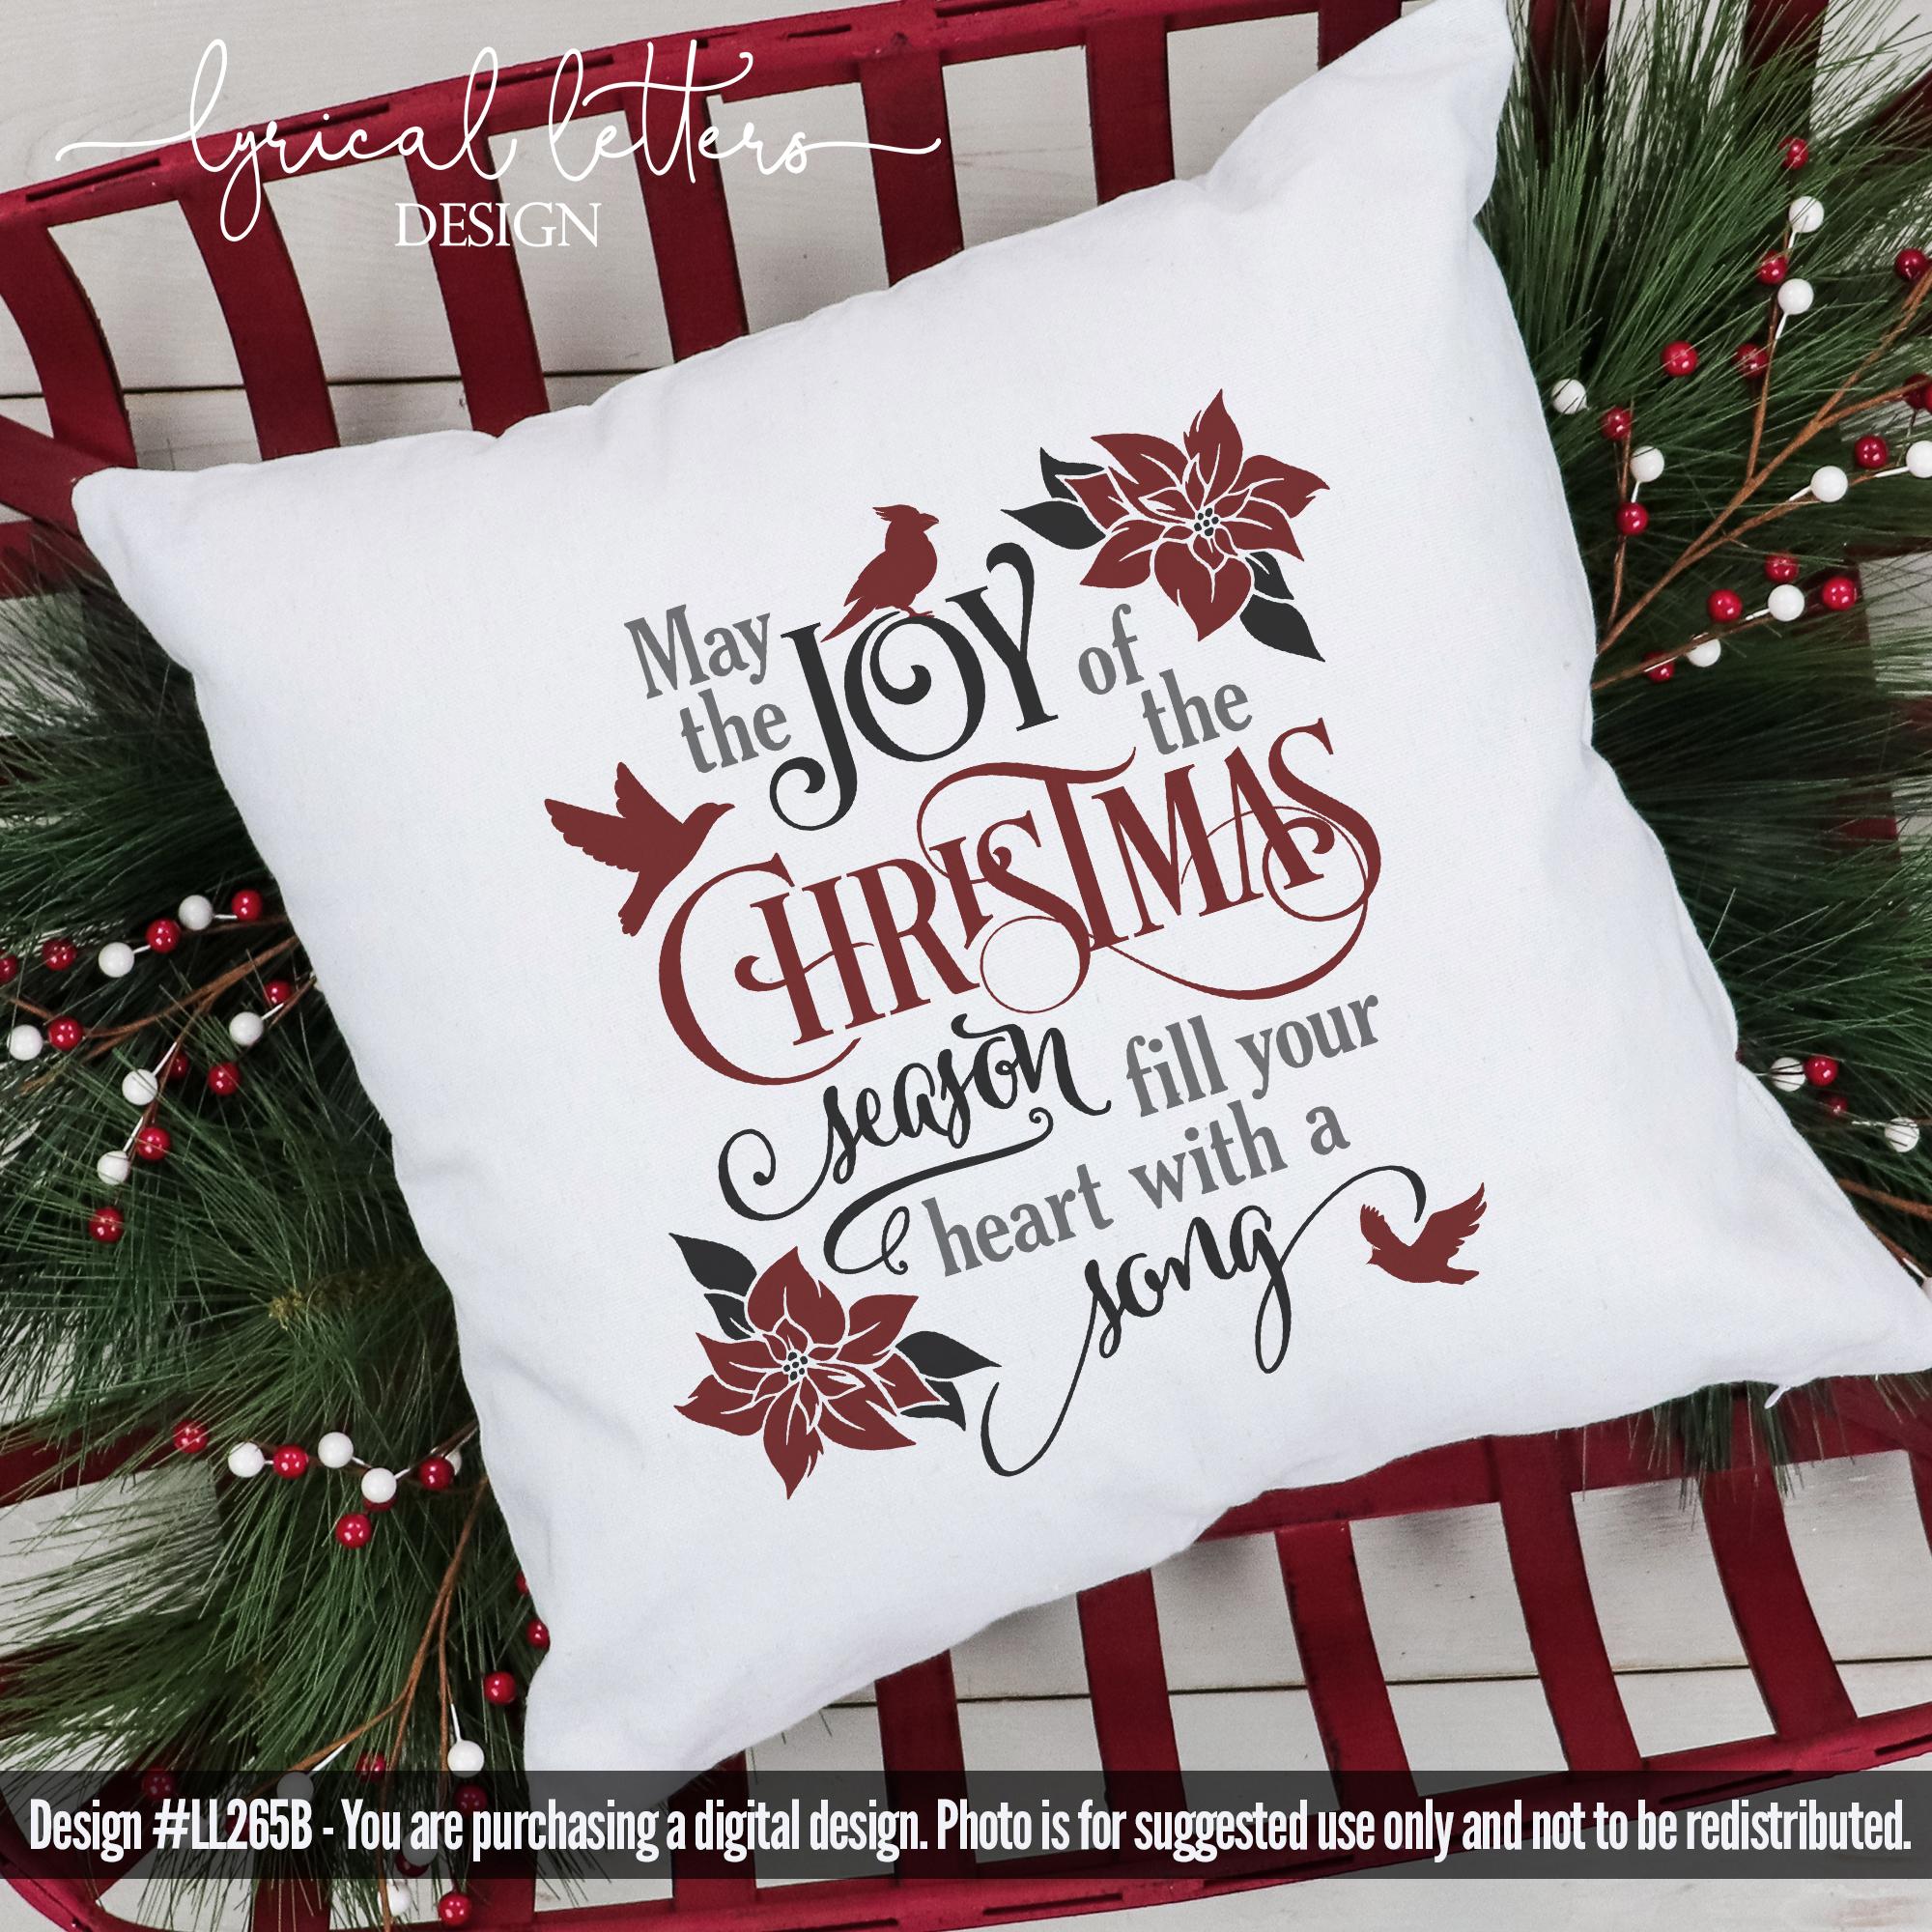 Joy of the Christmas Season with Cardinal SVG LL265B example image 2